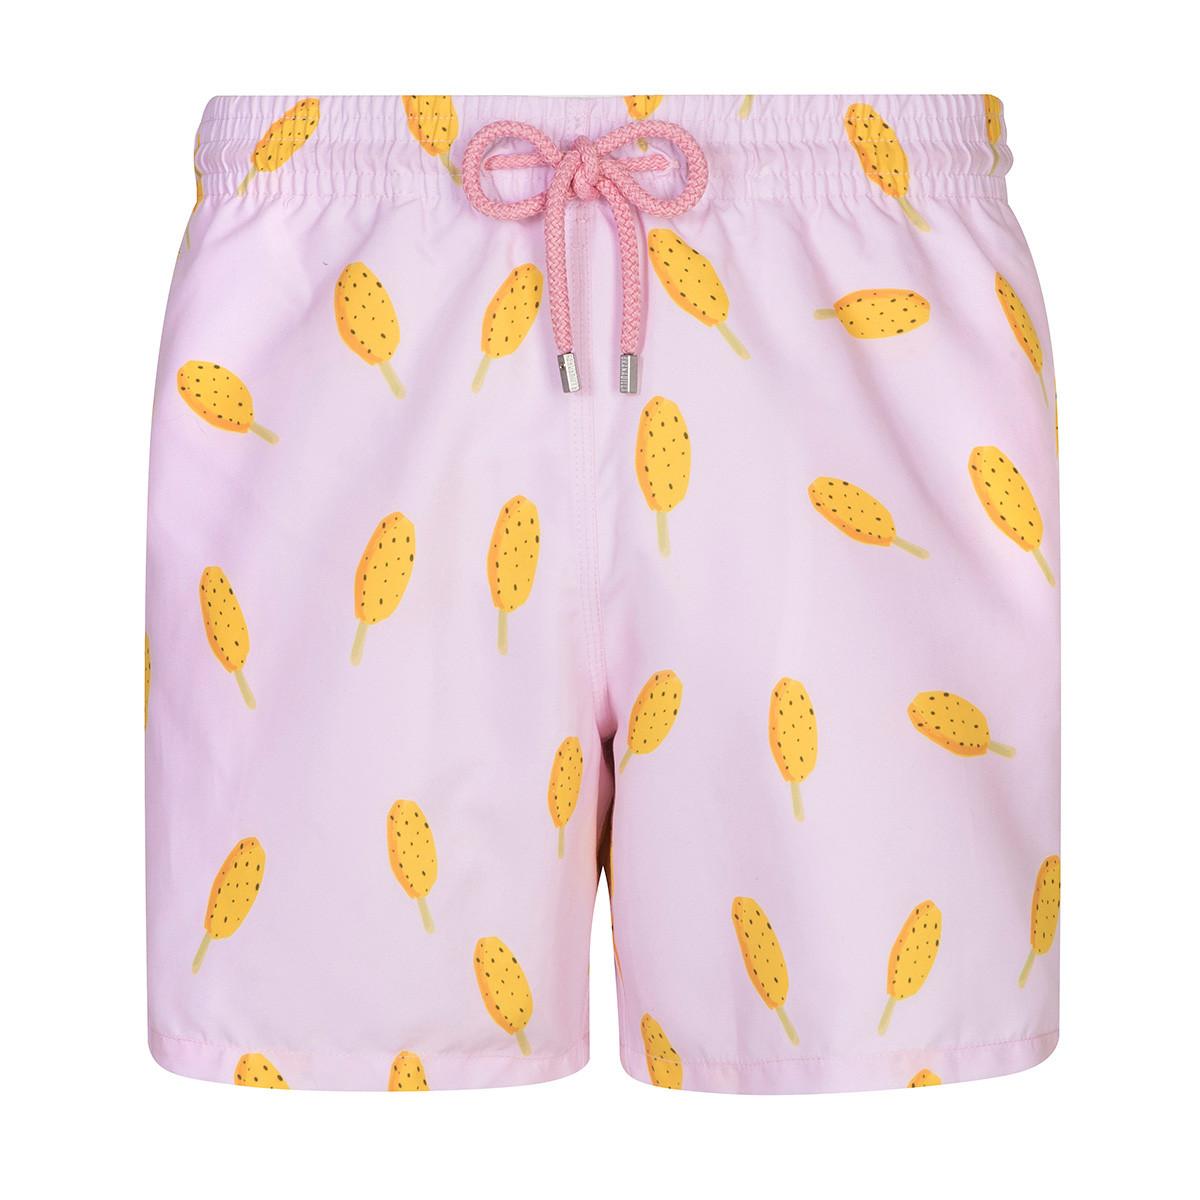 granadilla swim shorts